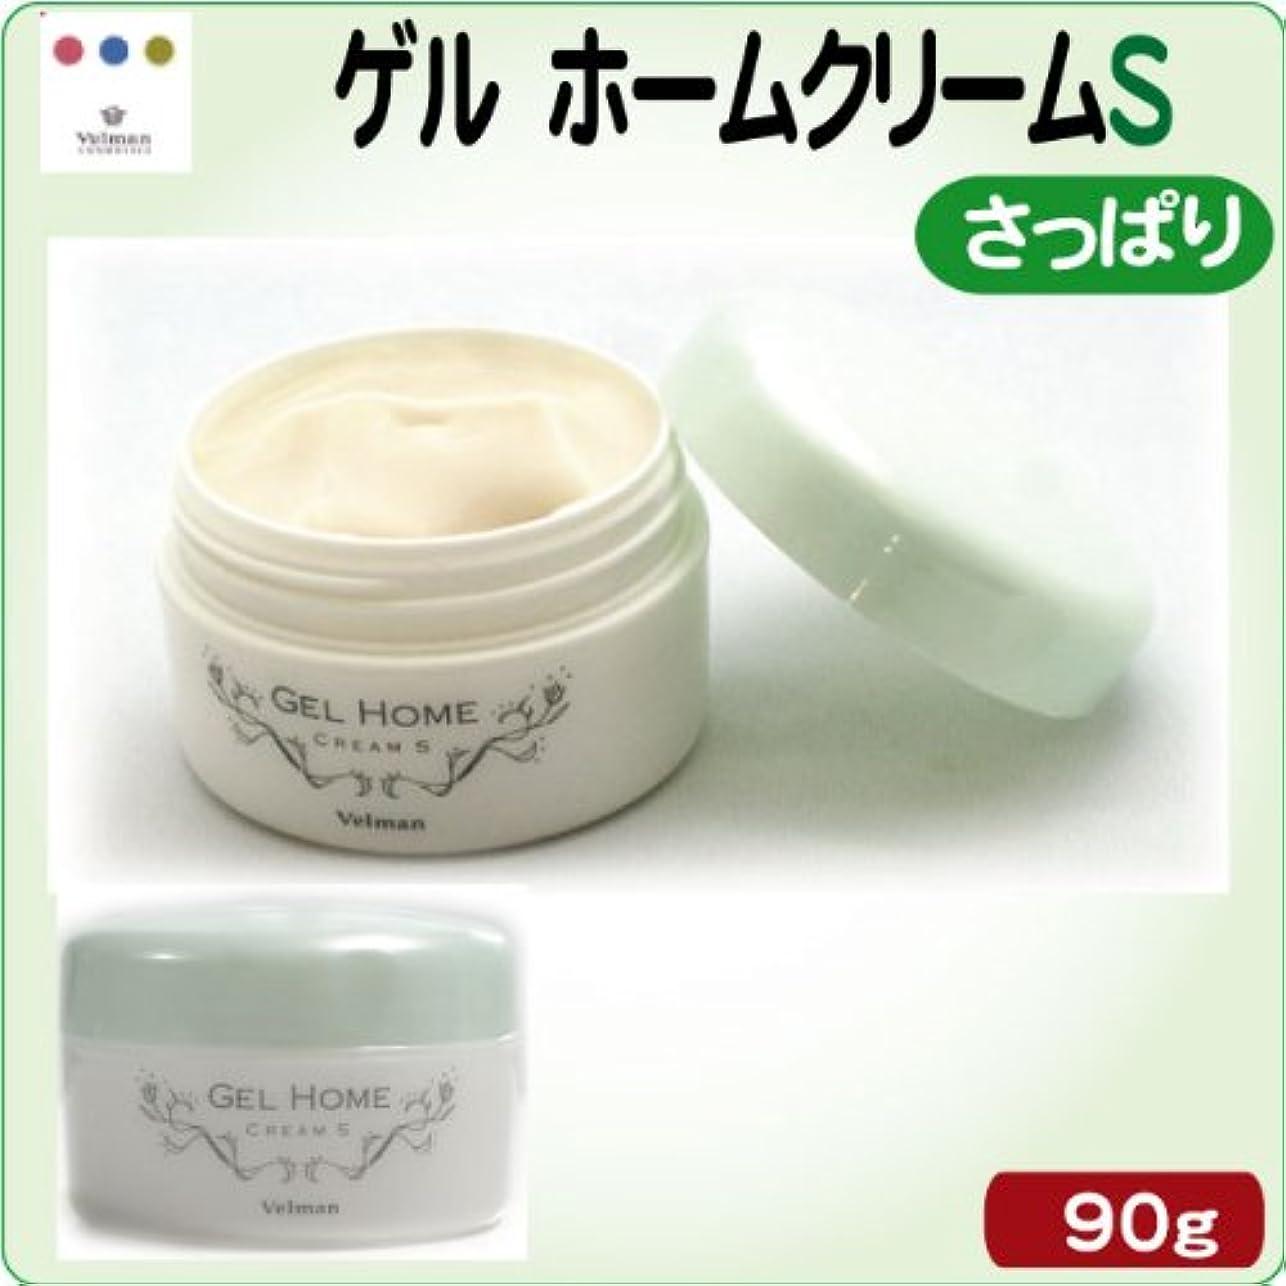 ジョセフバンクスピクニックをするブレンドベルマン化粧品 NONLOOSE ゲルホームクリームS 【さっぱりタイプ】 90g